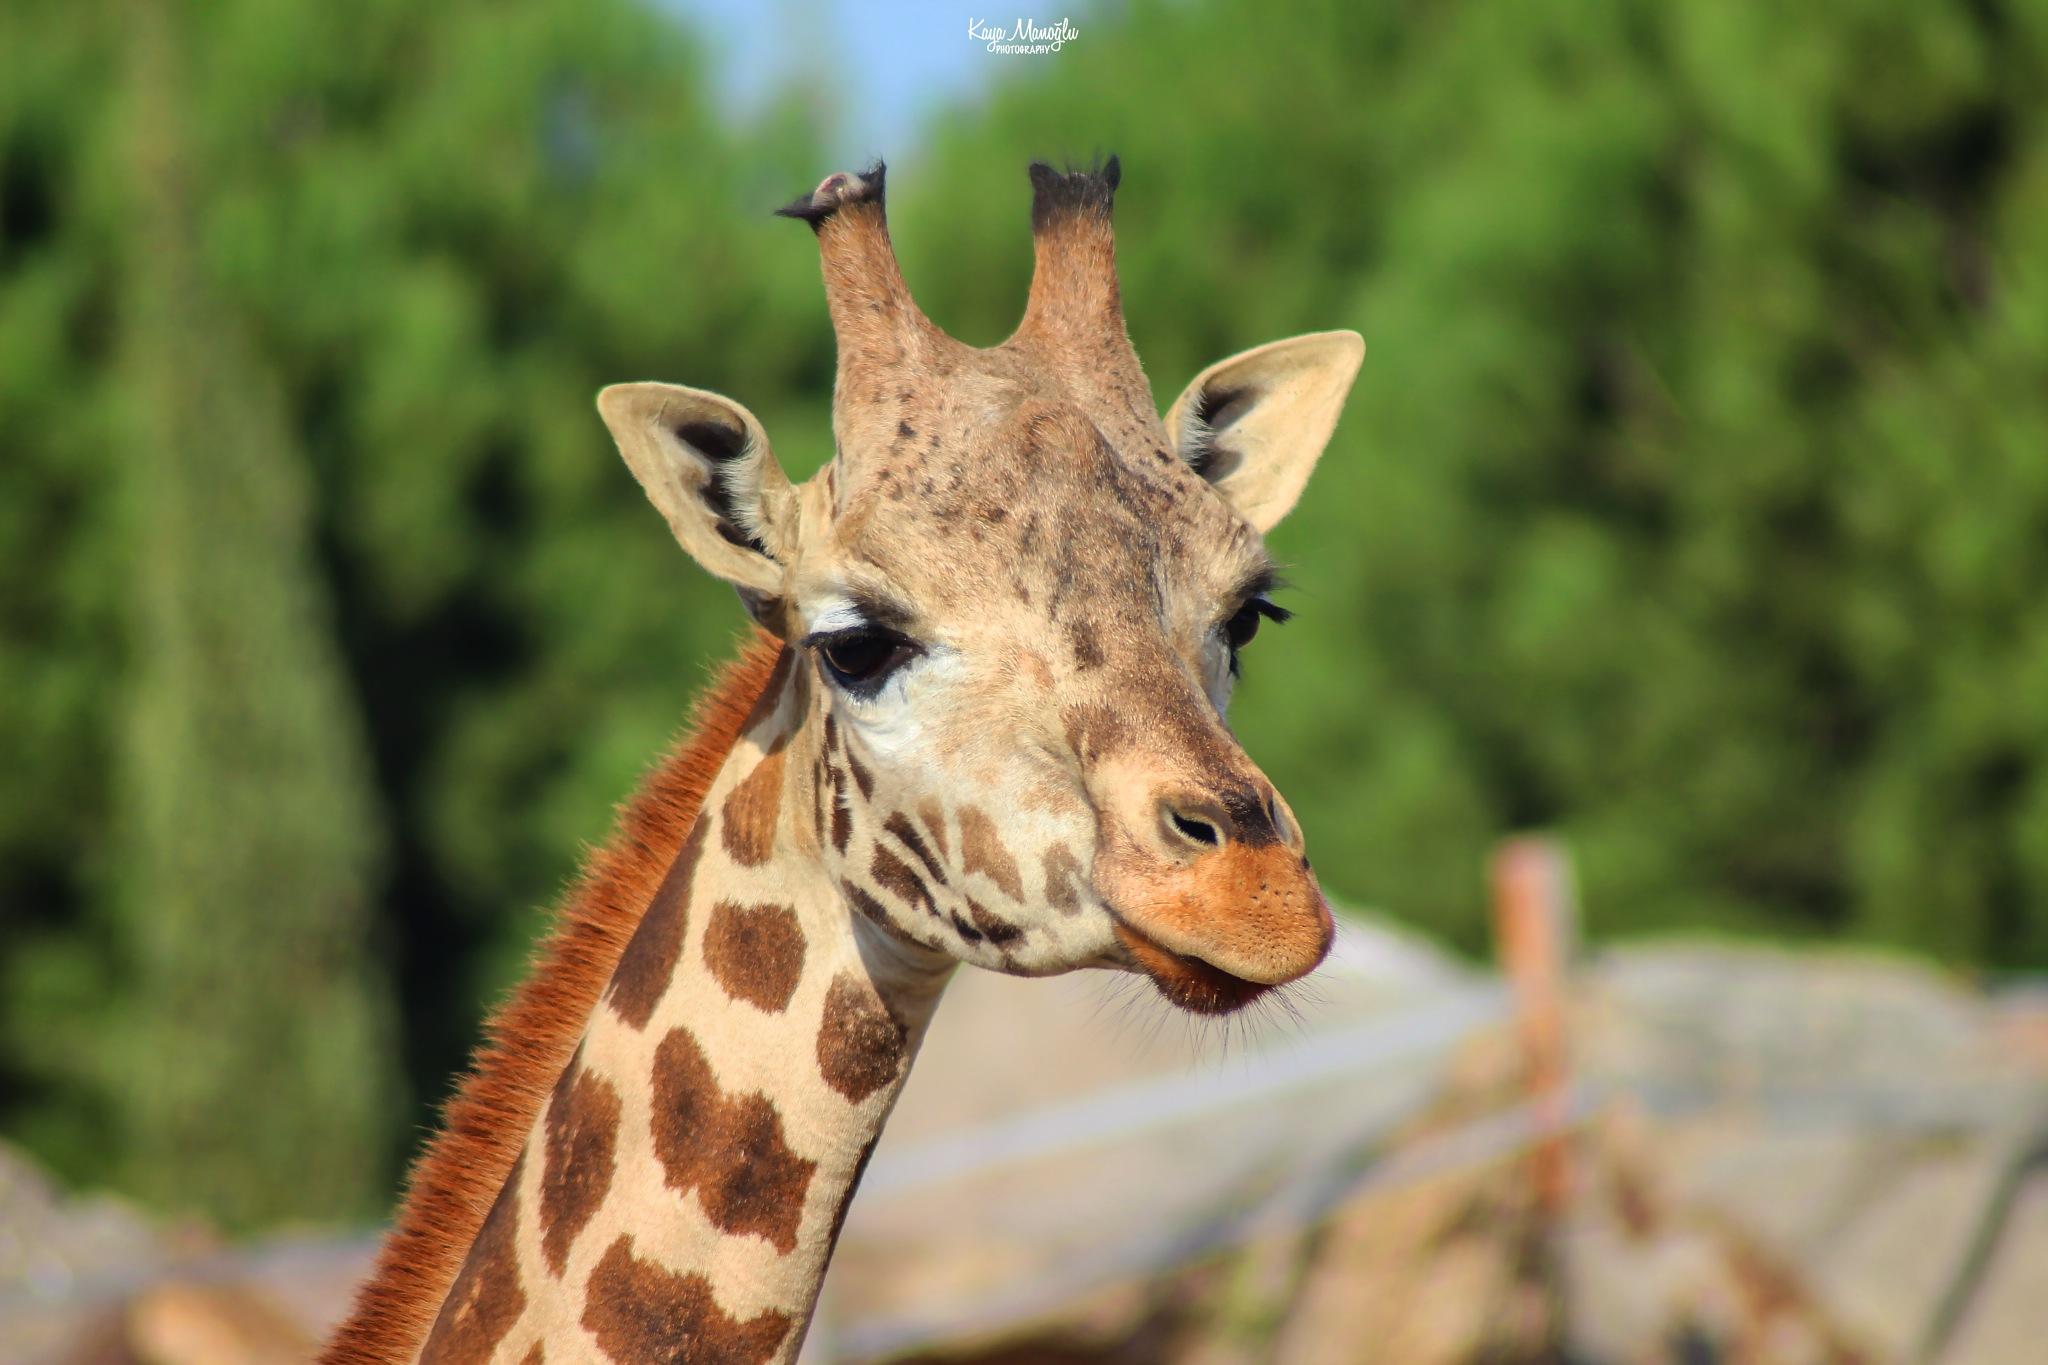 The Giraffe by Kaya Manoglu